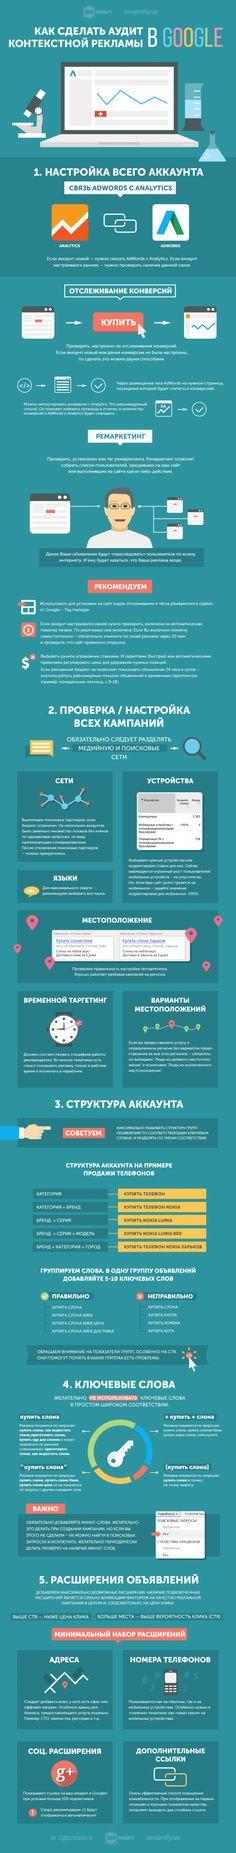 Как сделать аудит контекстной рекламы в #Google